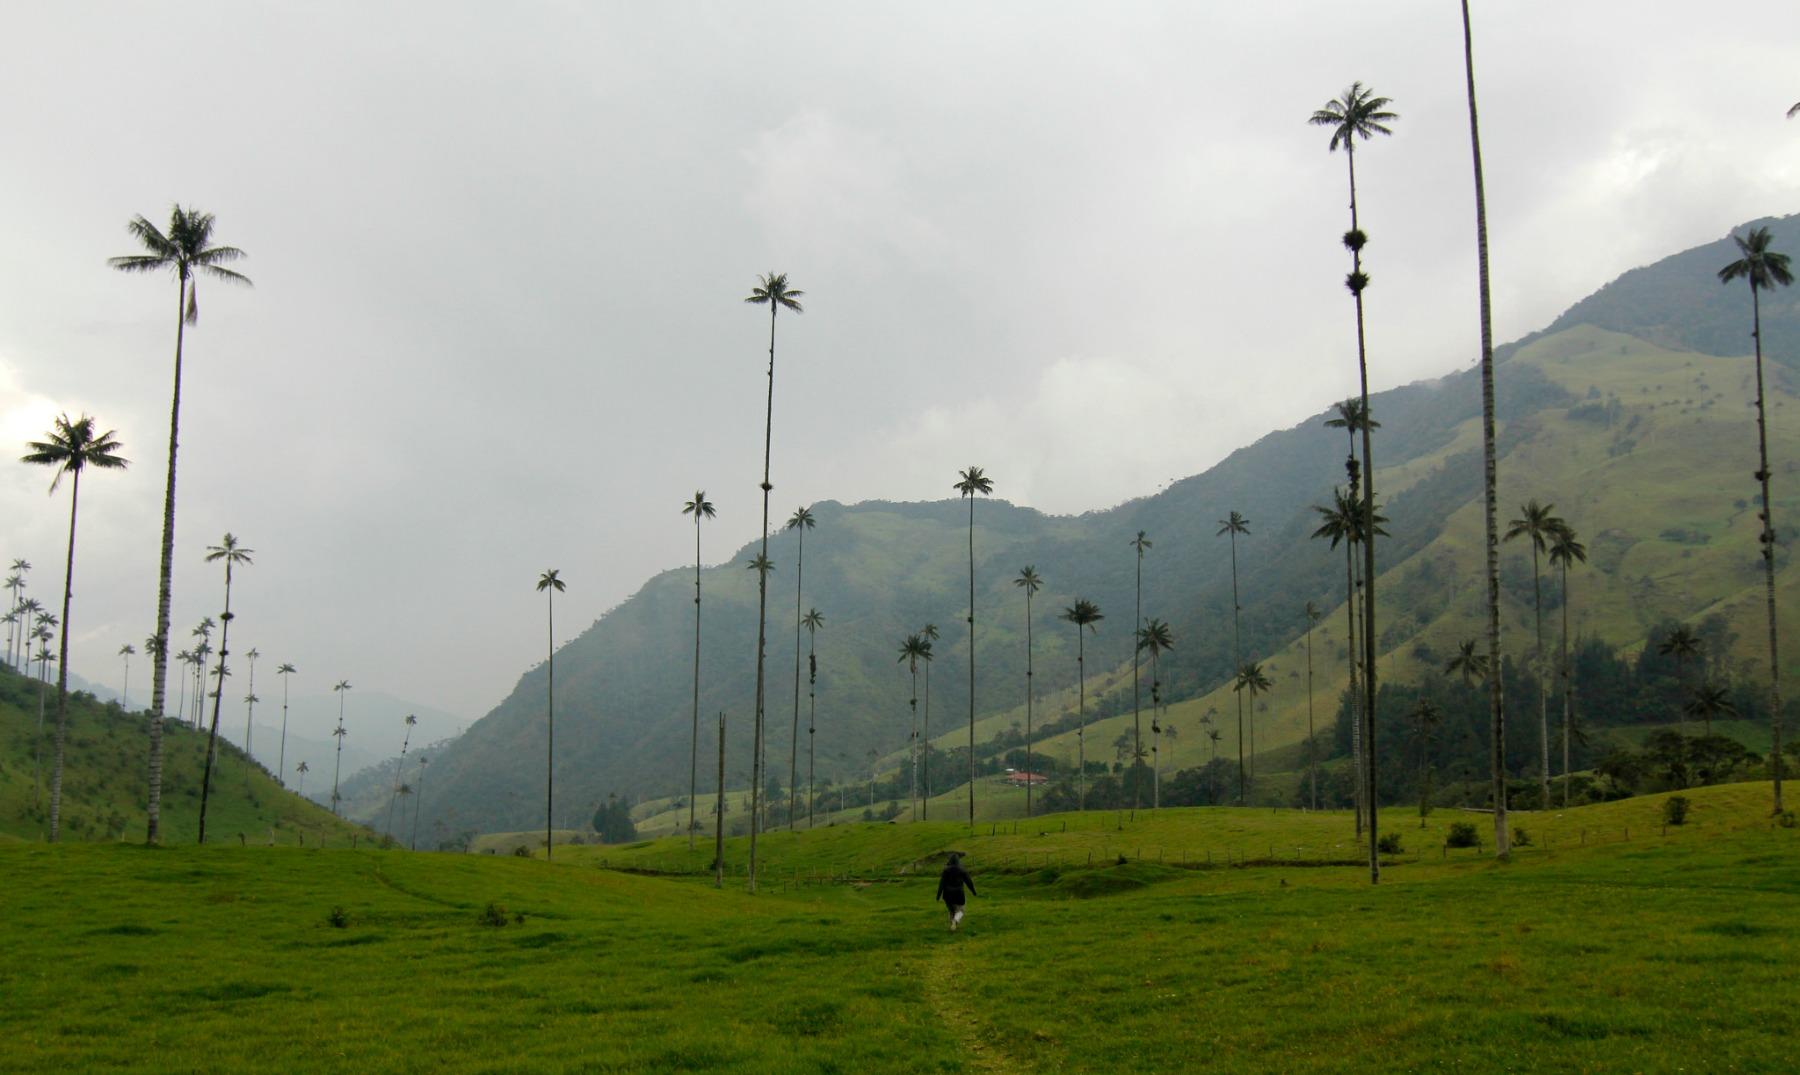 Bosque de Cocora